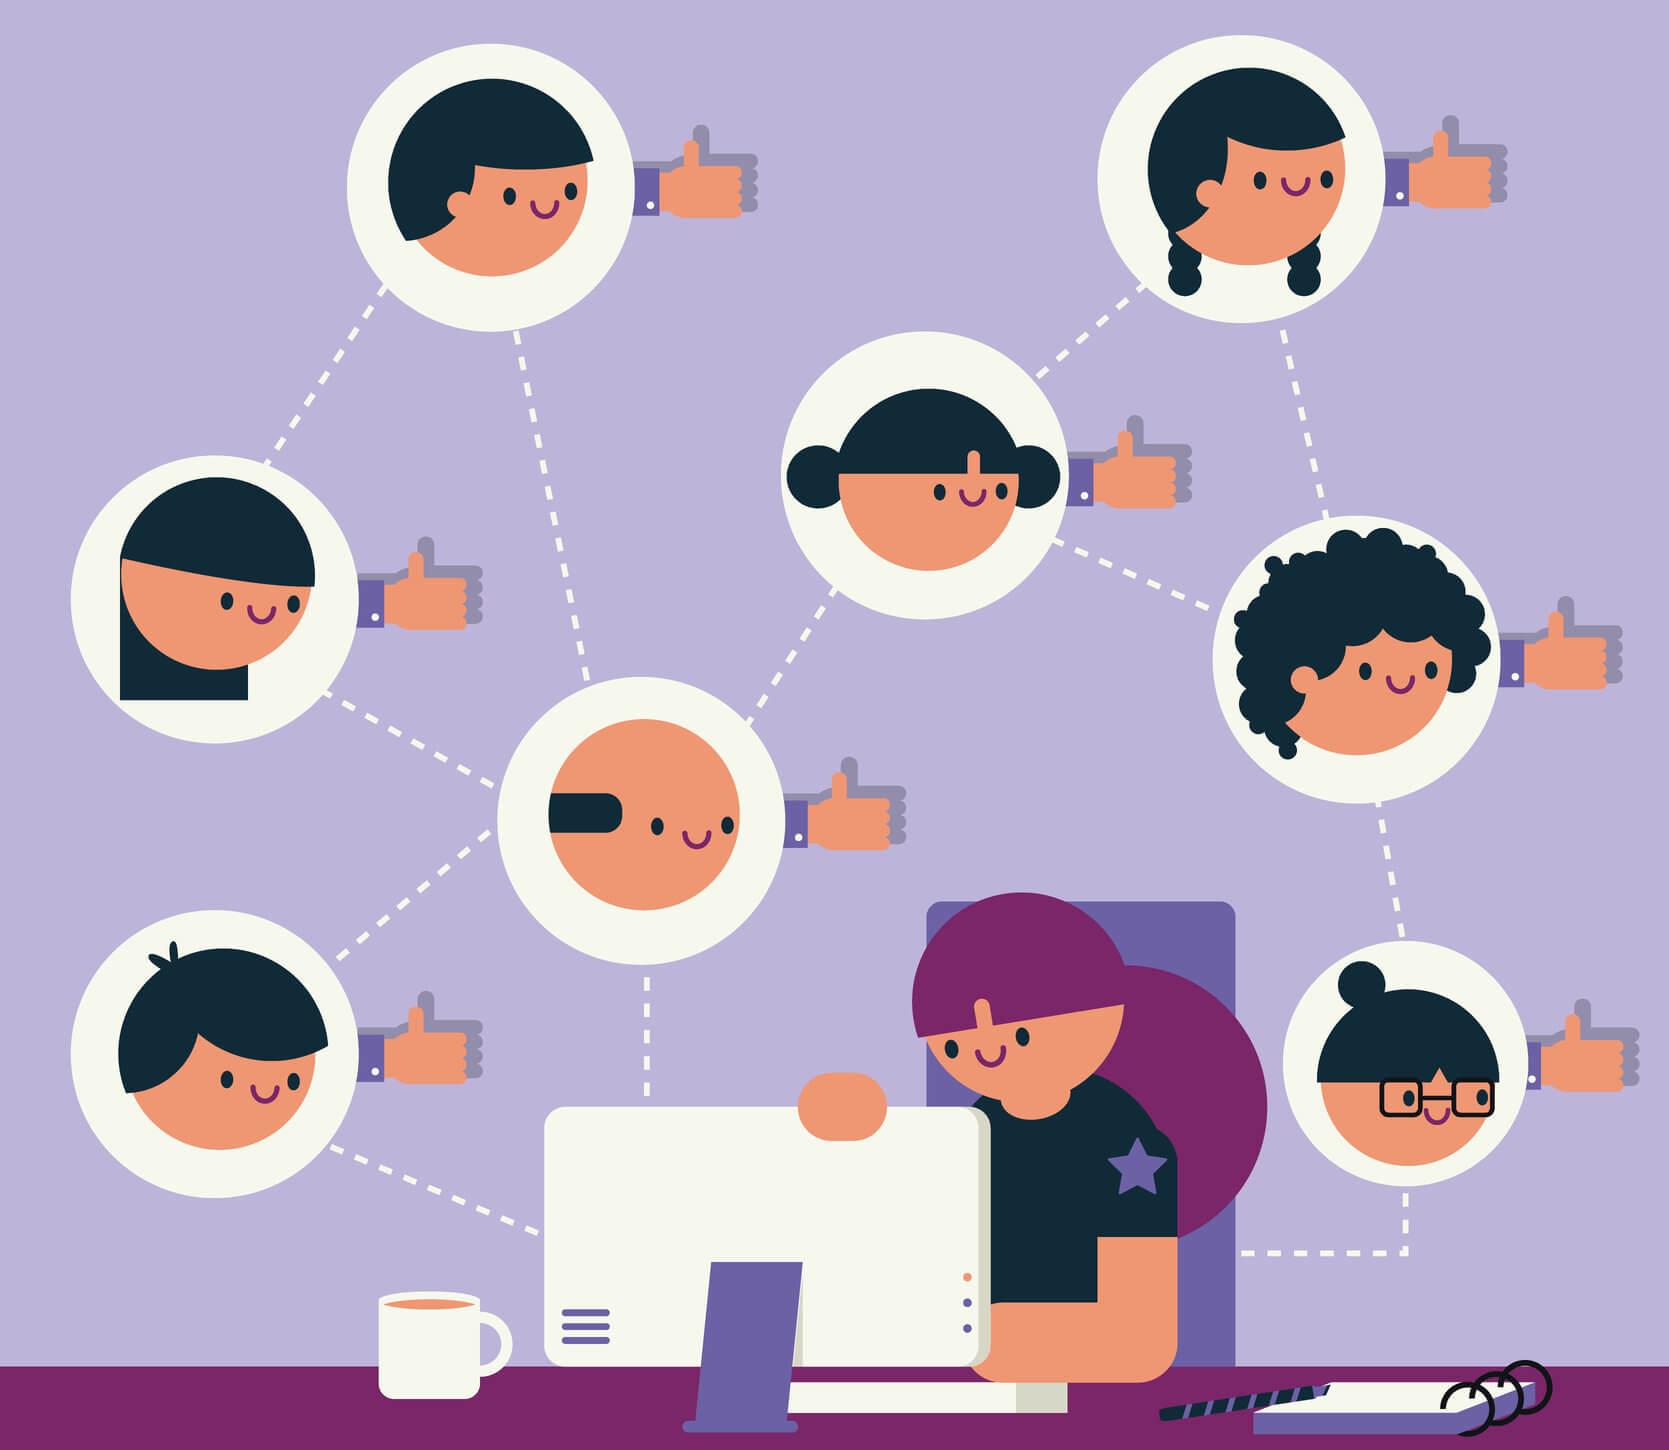 medium_course_following Herramientas para empezar a mejorar tu blog cuanto antes